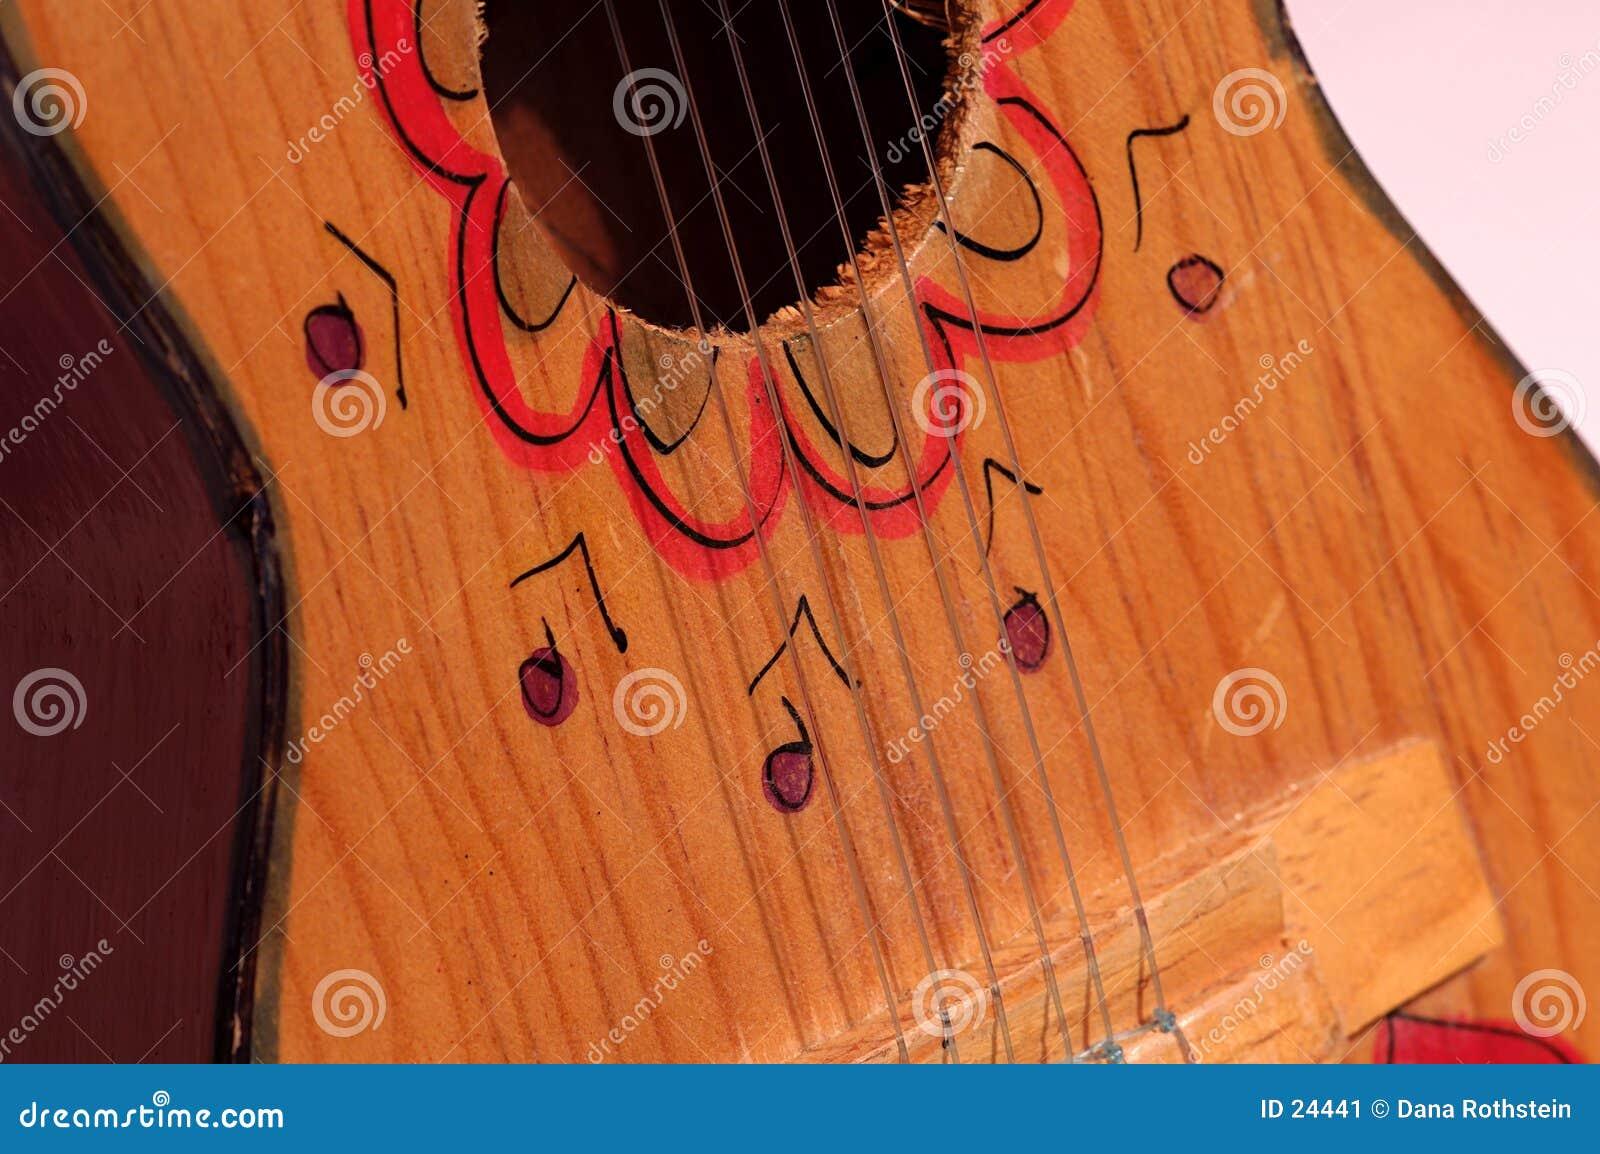 Barns ukulele